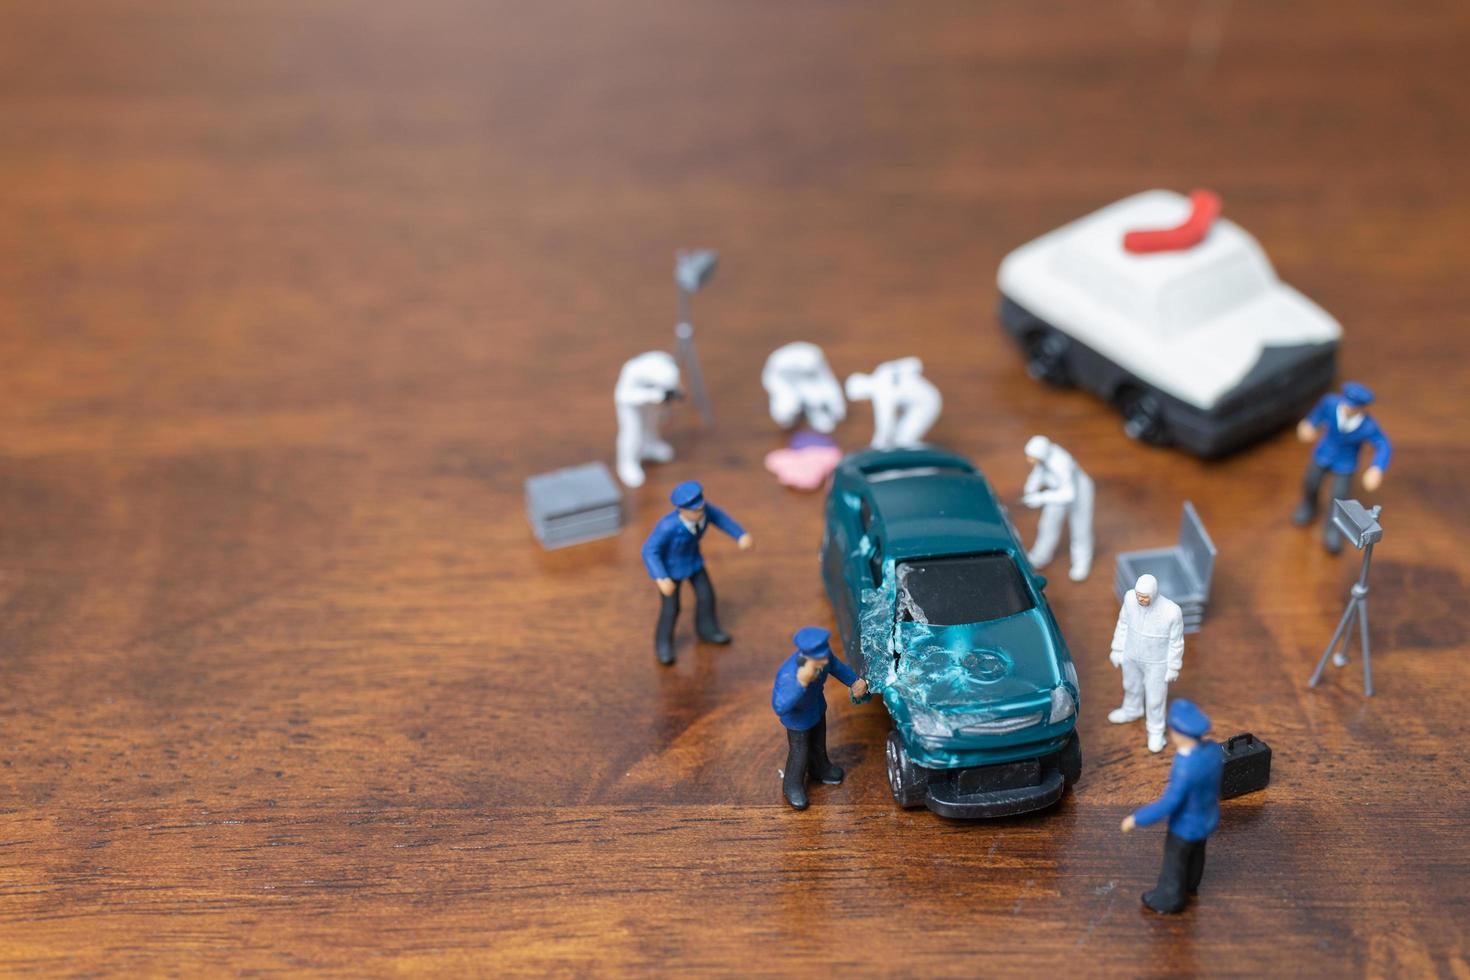 miniatyr polis och detektiv står runt en bil, brottsplats utredning koncept foto